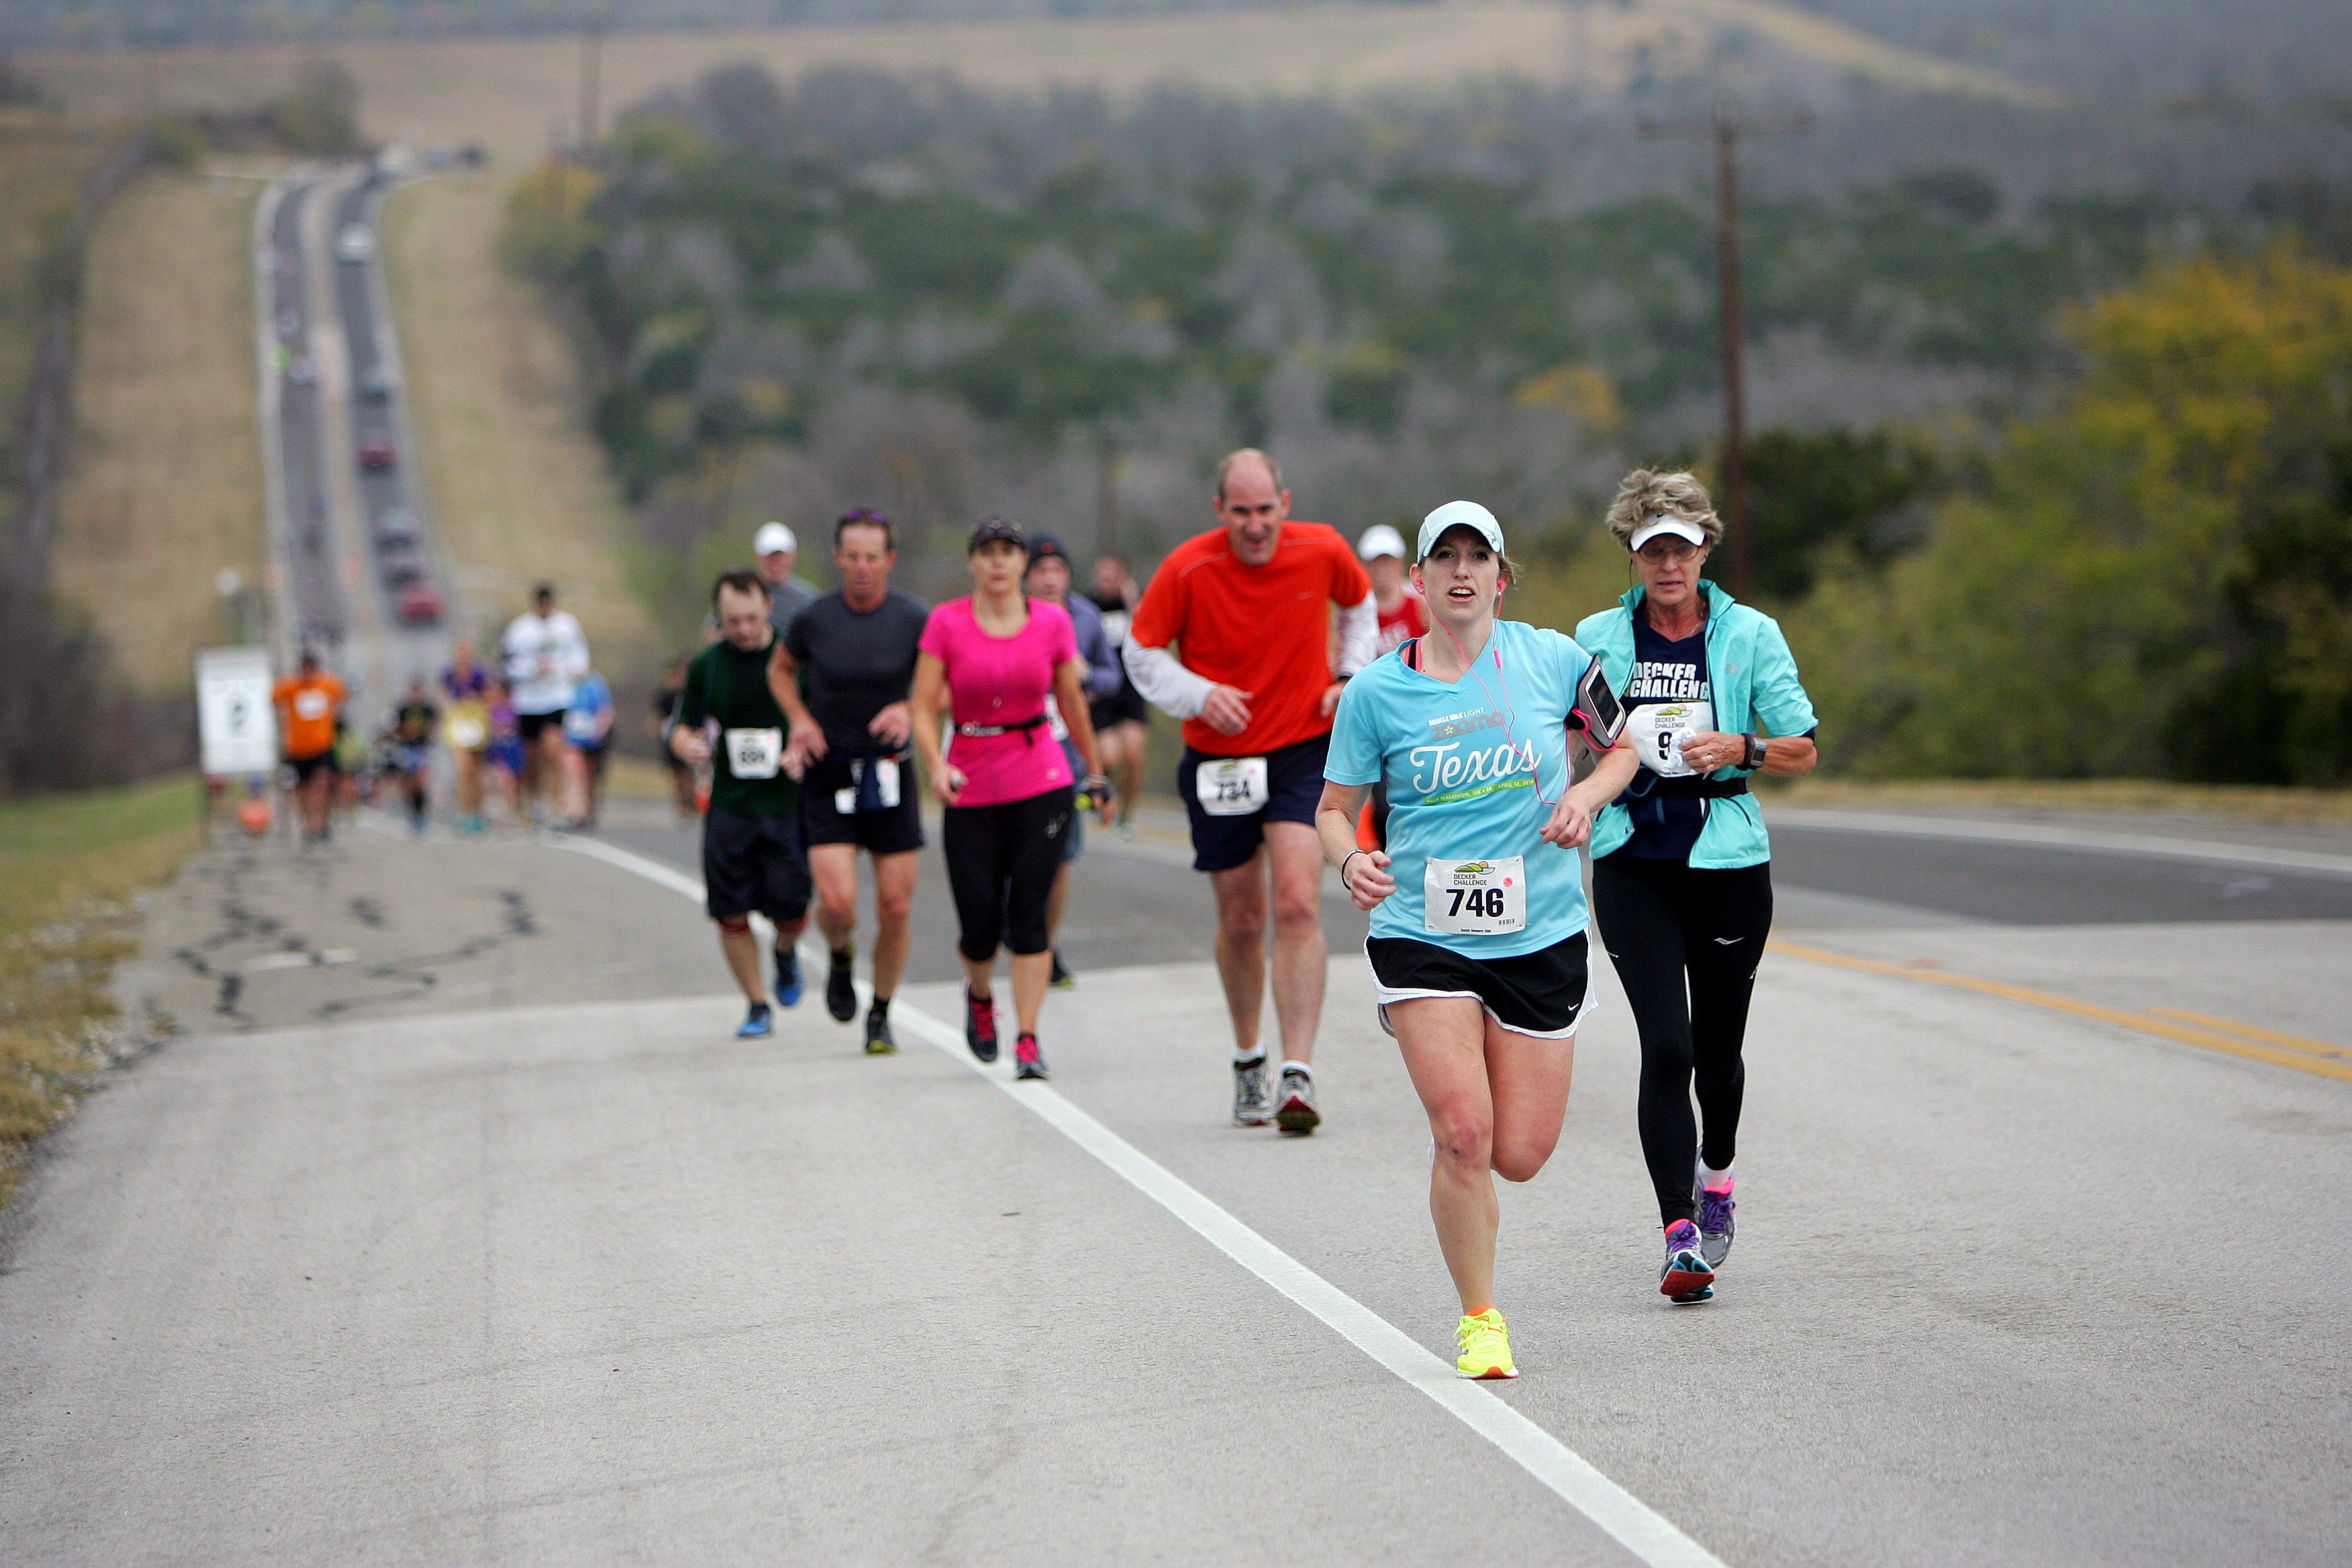 decker challenge half marathon